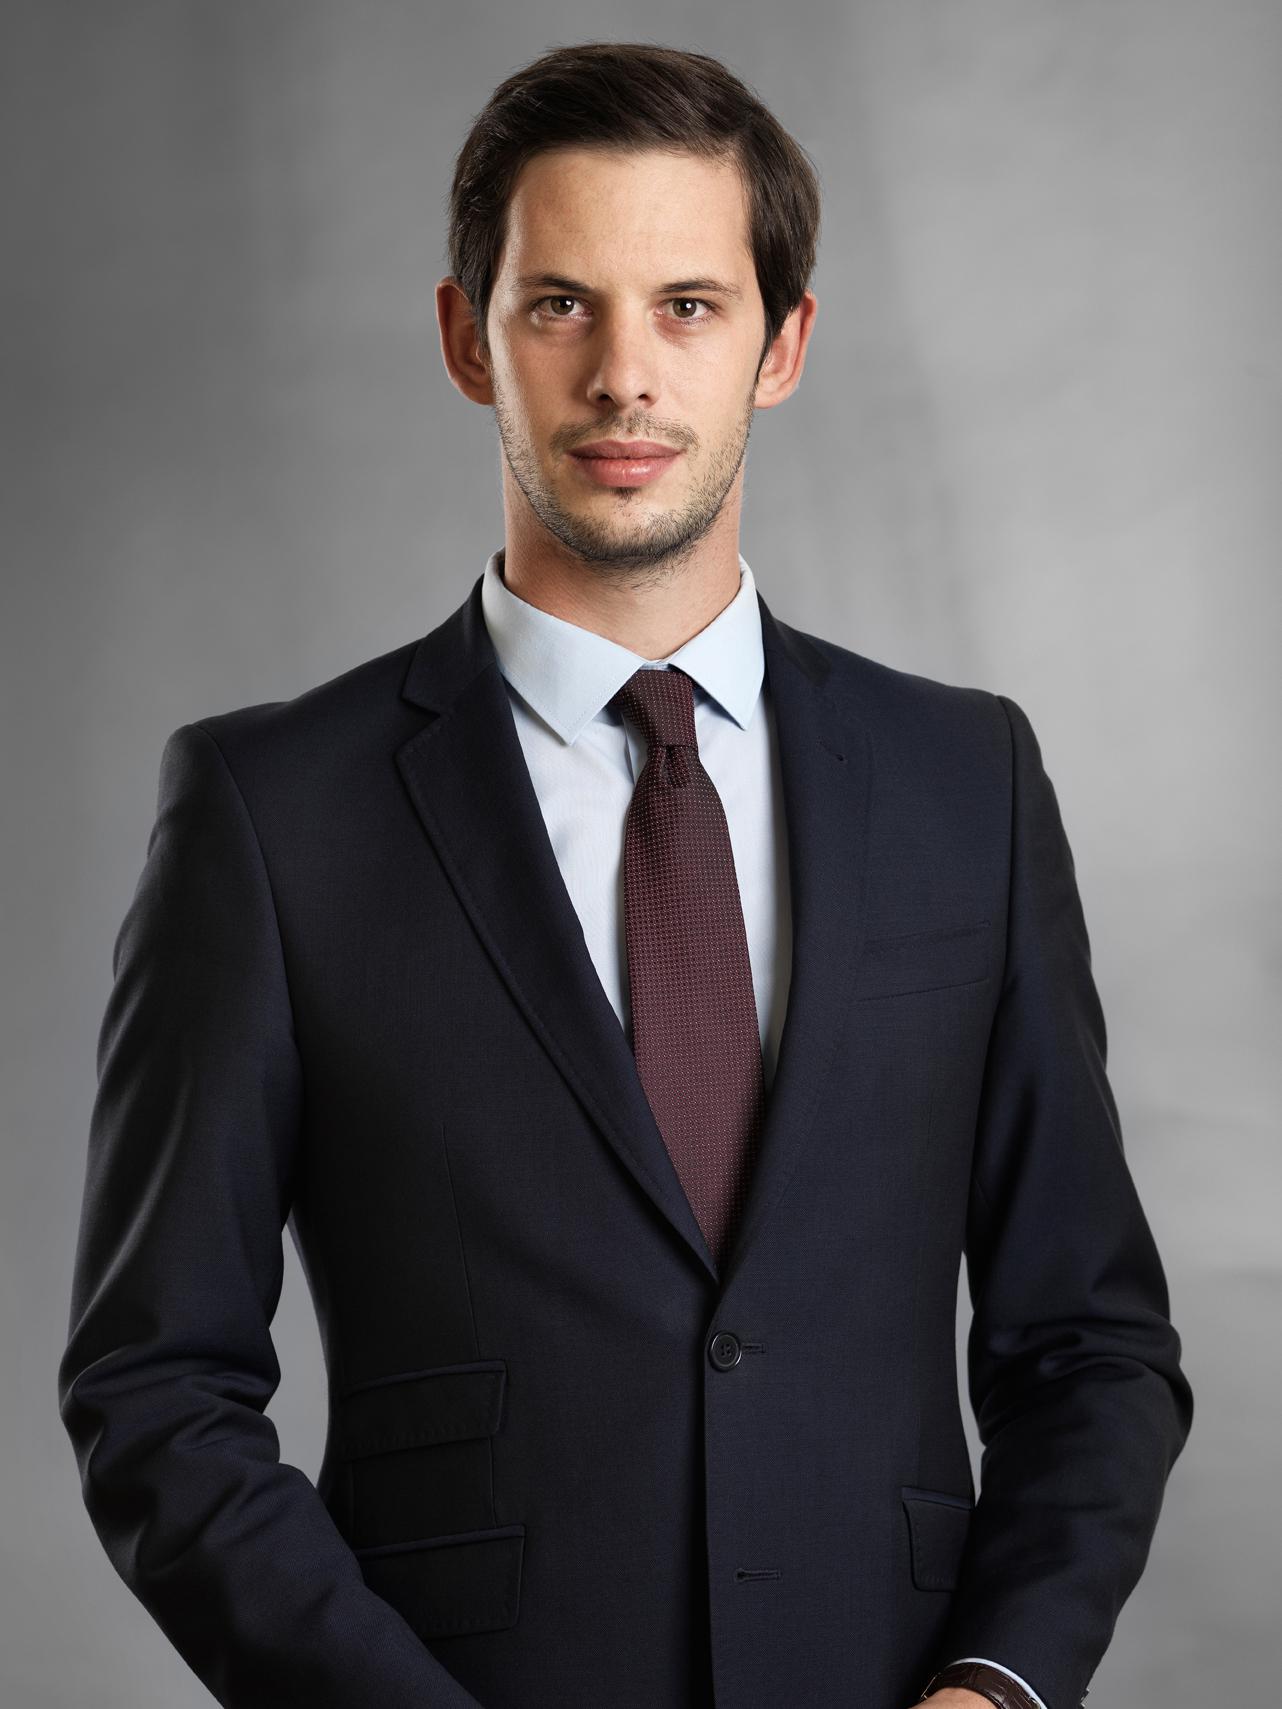 Benoît Pittet